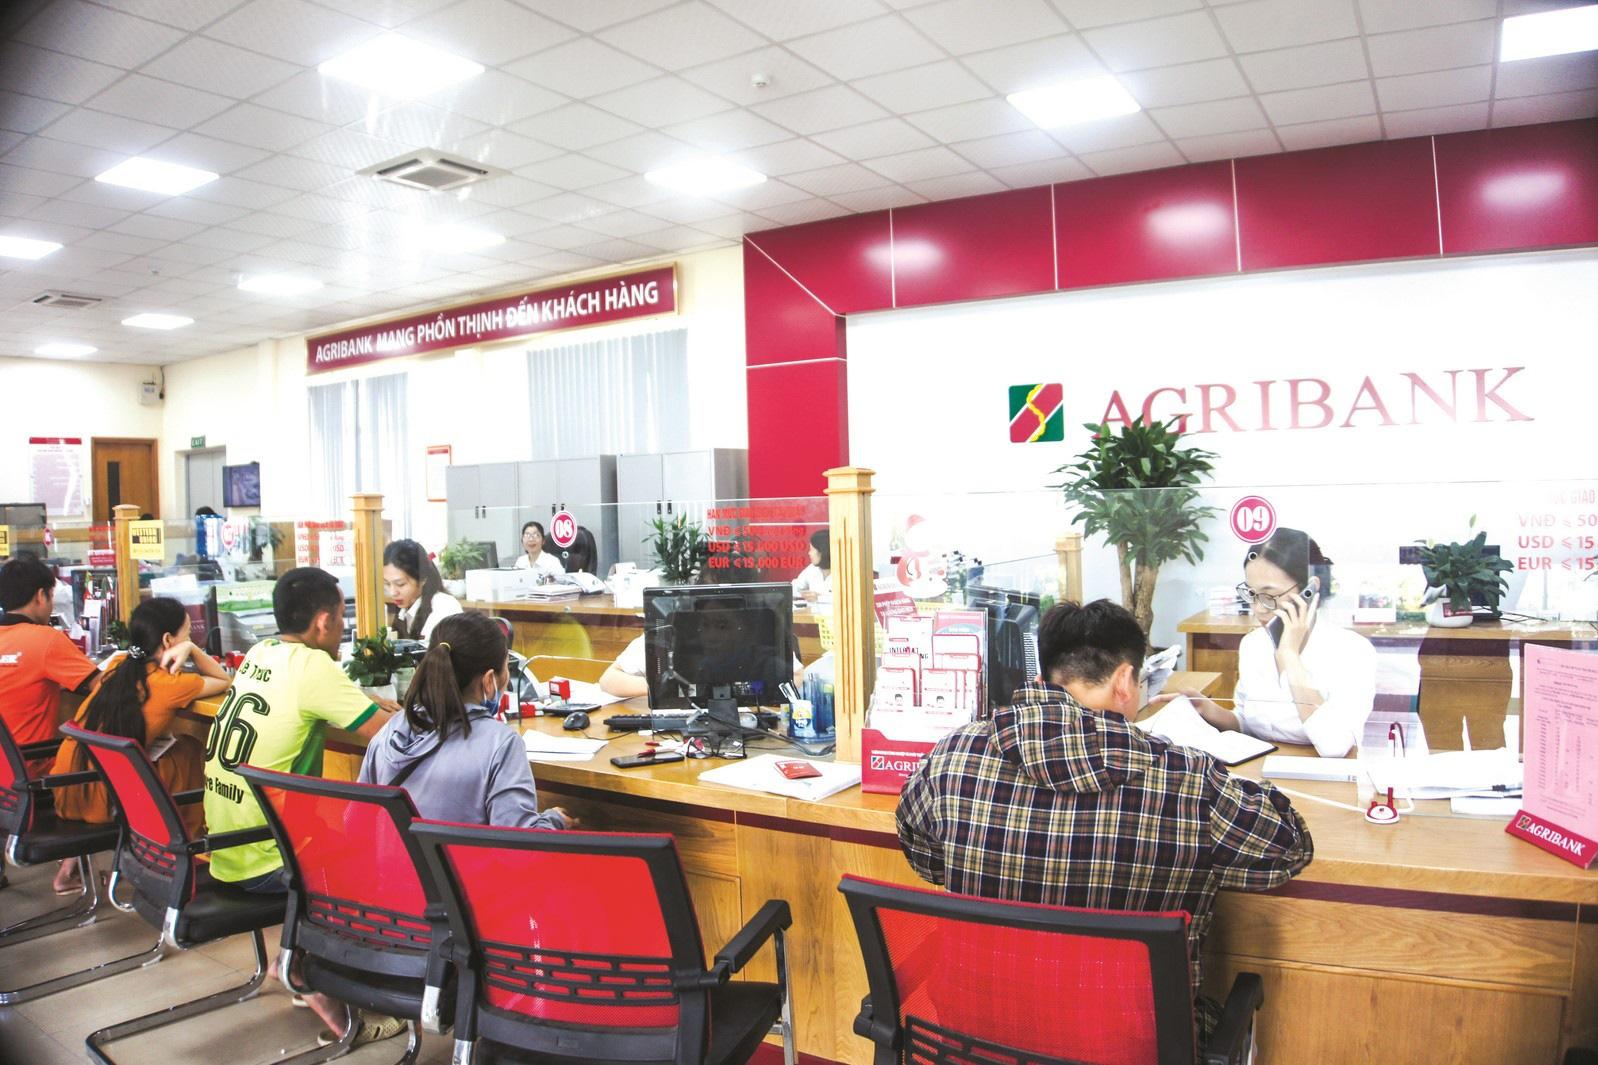 Lãi suất tiết kiệm ngân hàng Agribank cập nhật tháng 6/2021